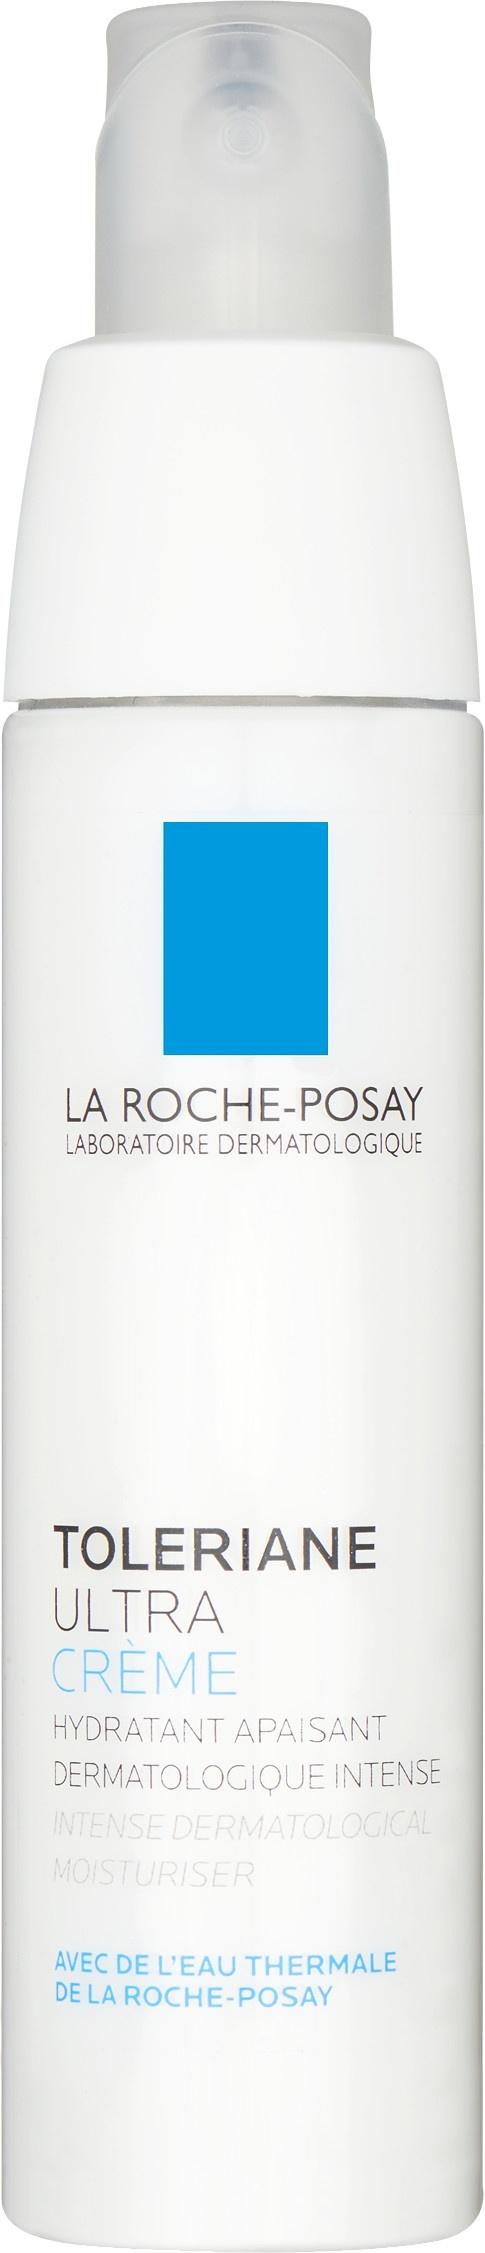 La Roche-Posay Toleriane Ultra Cream 40ml